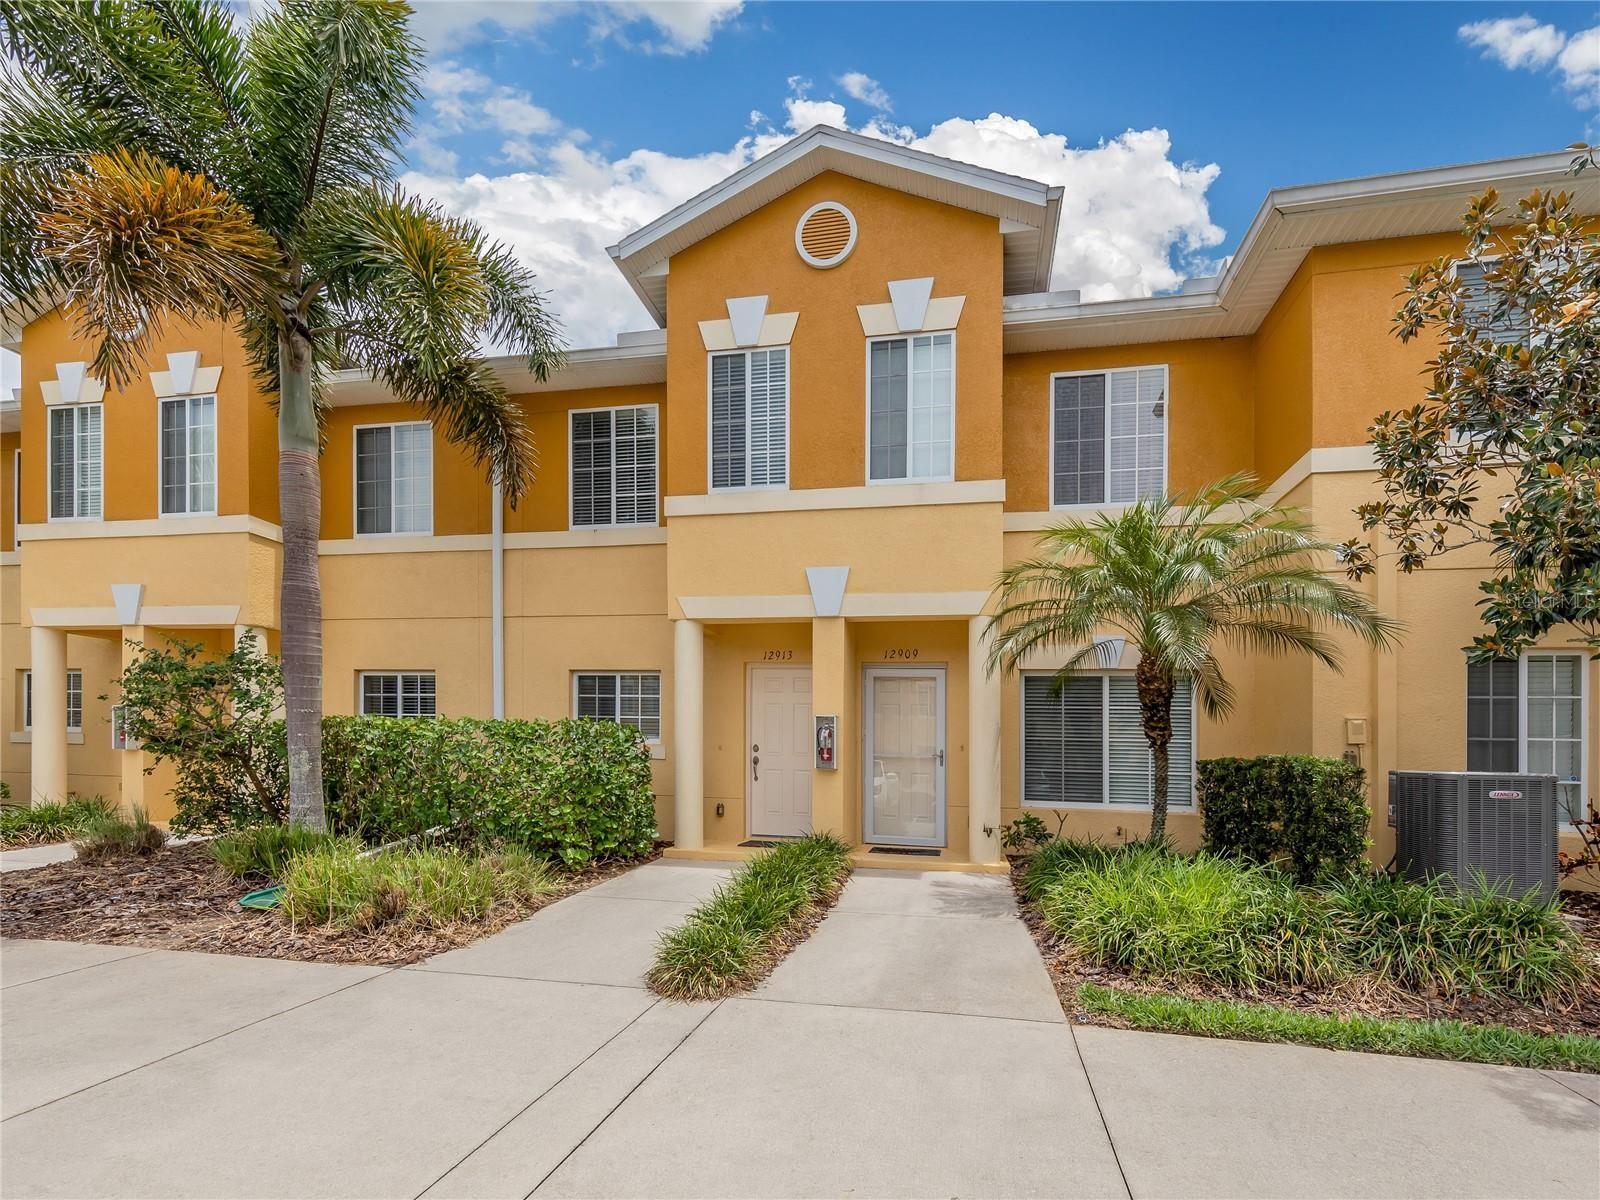 12913 TIGERS EYE DRIVE, Venice, FL 34292 - #: N6115592